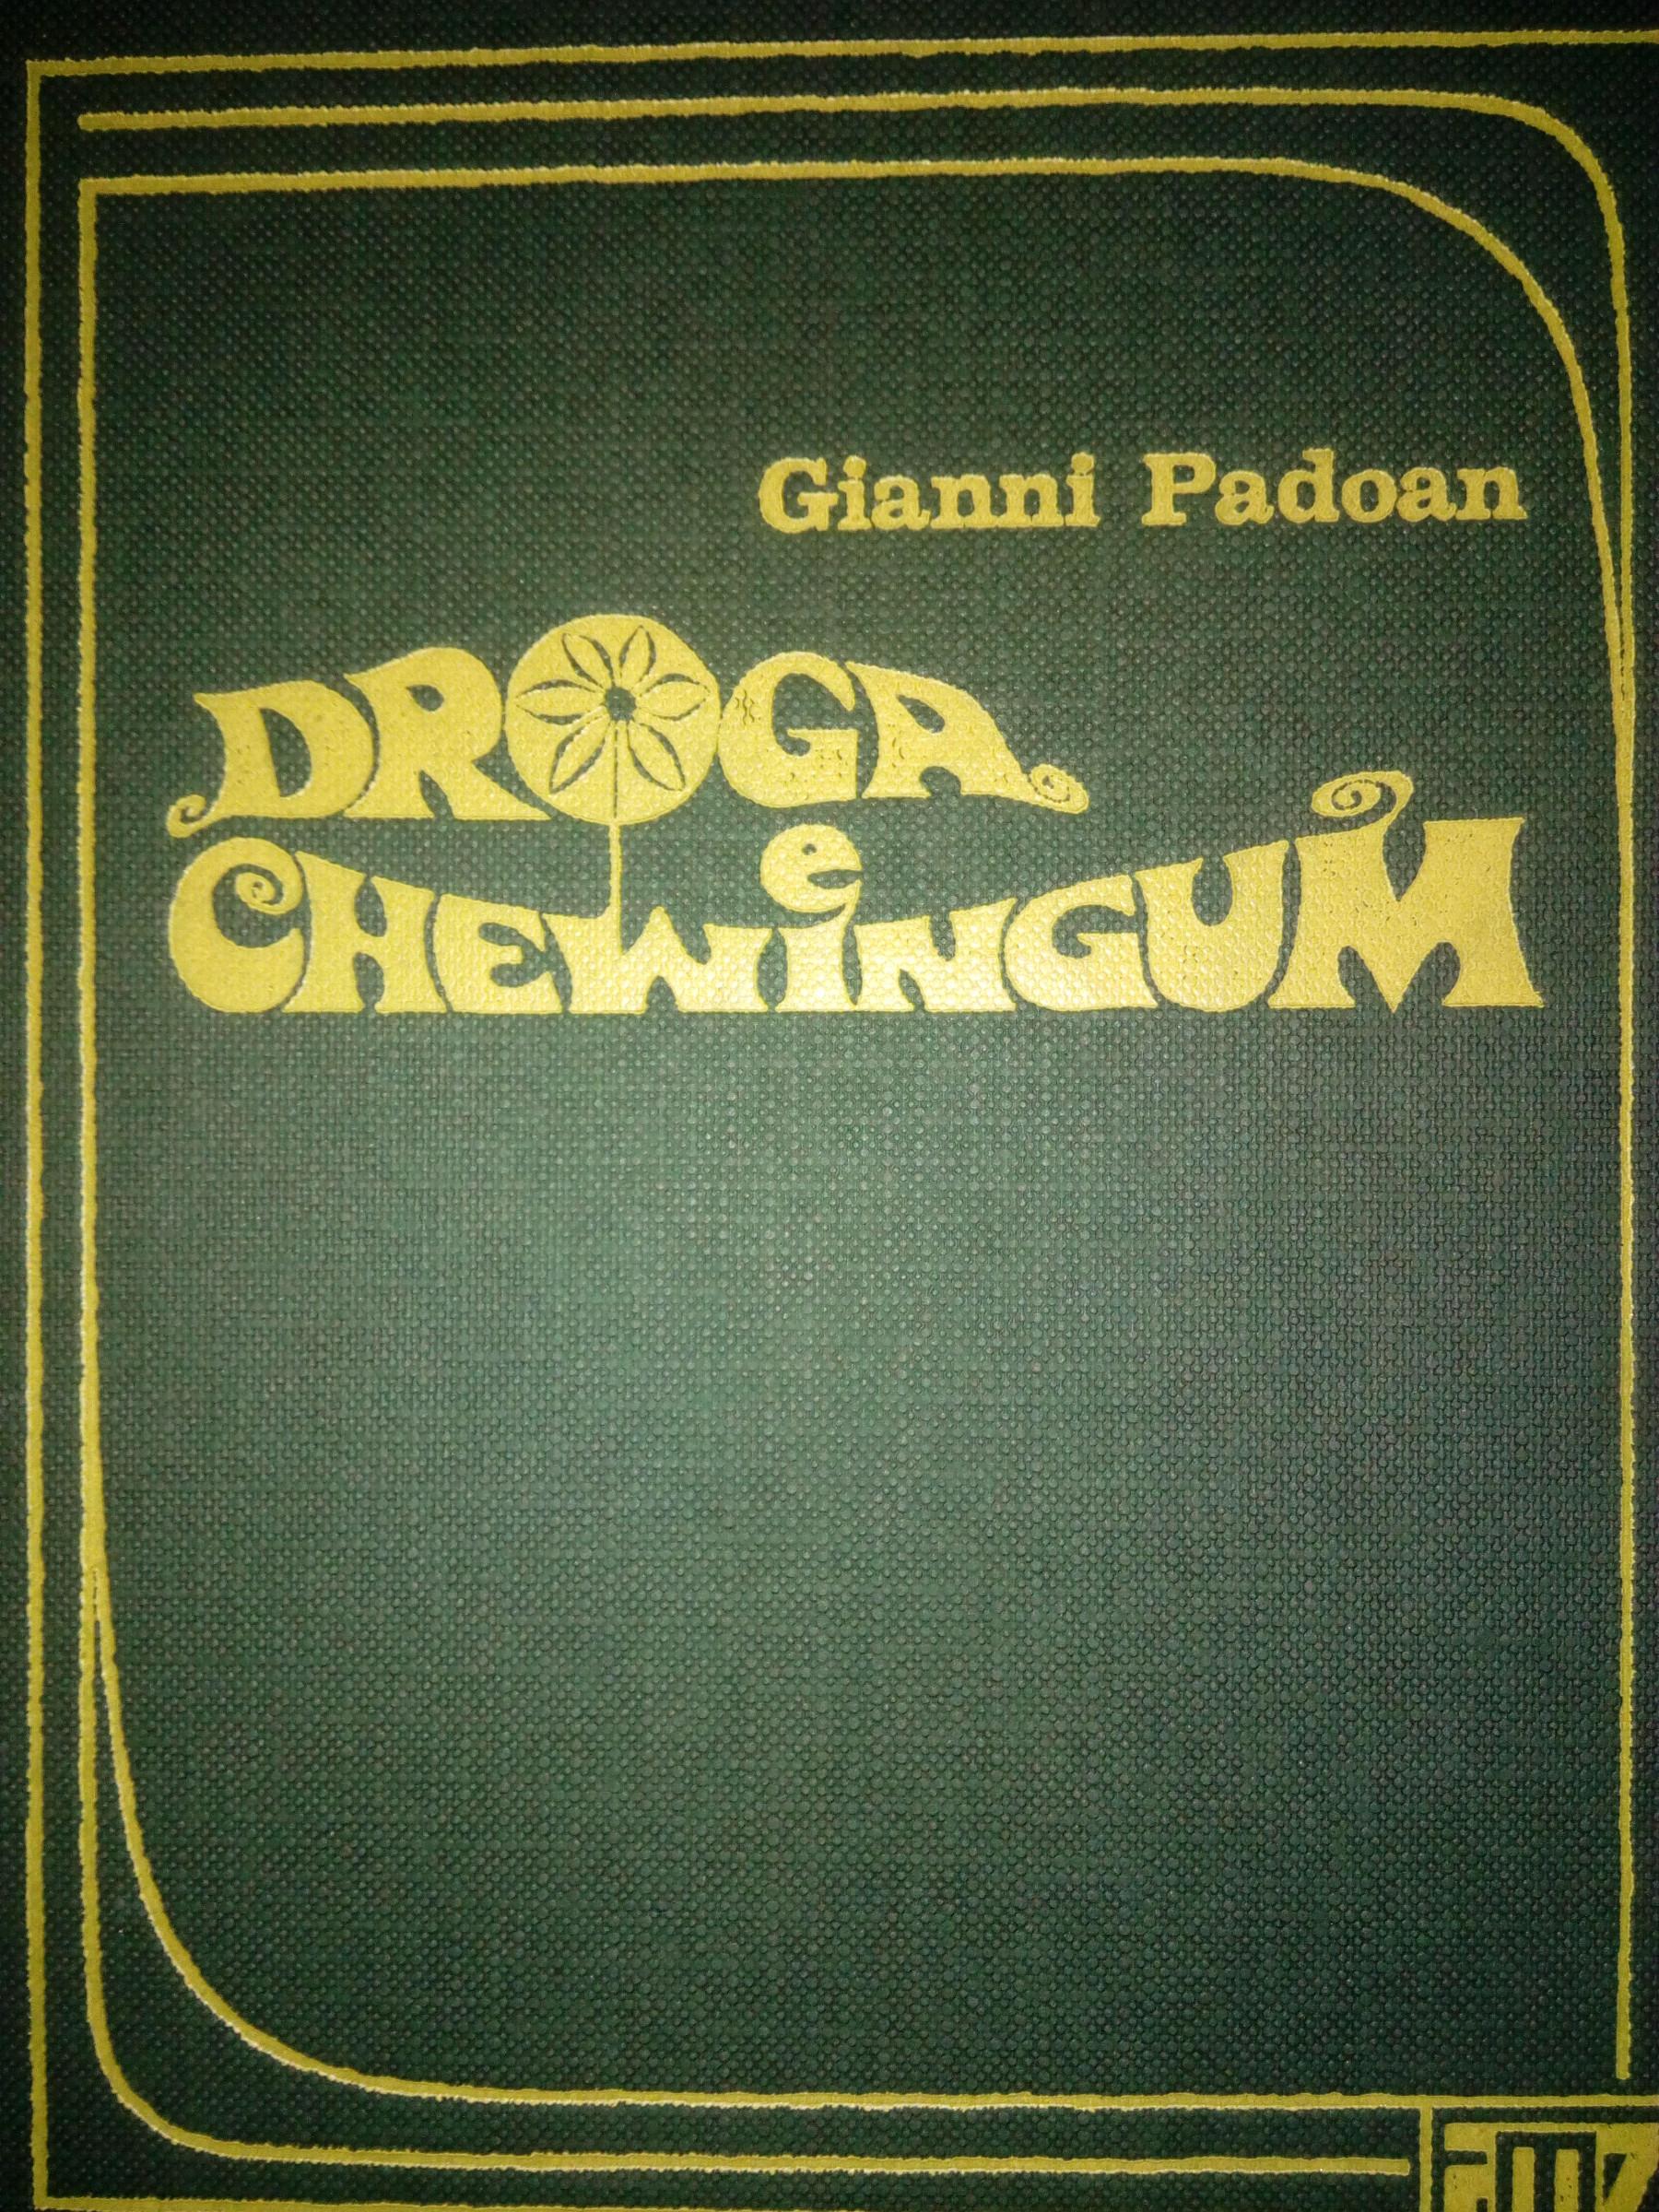 Droga e chewingum